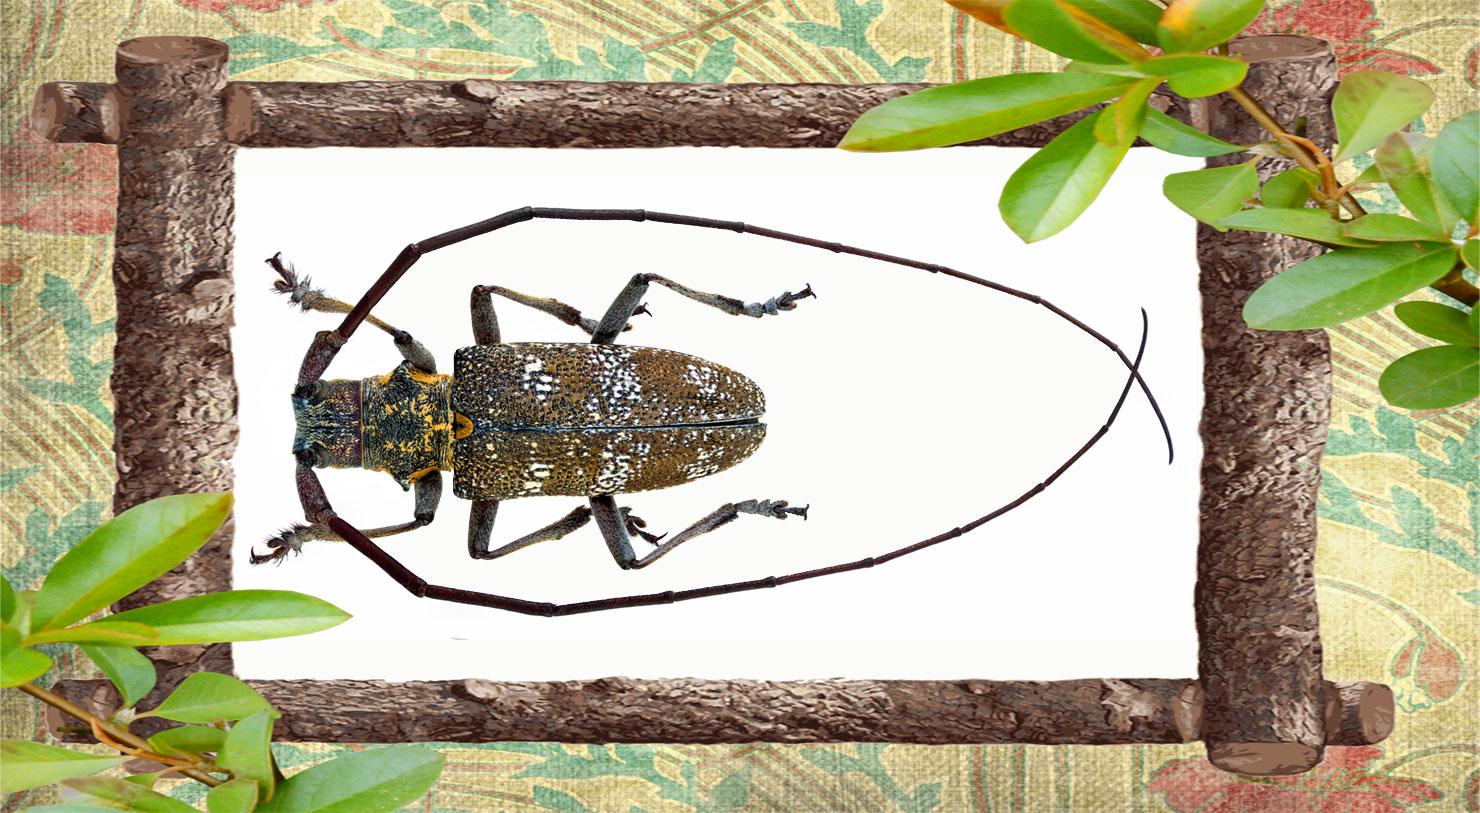 Изображение жука усача